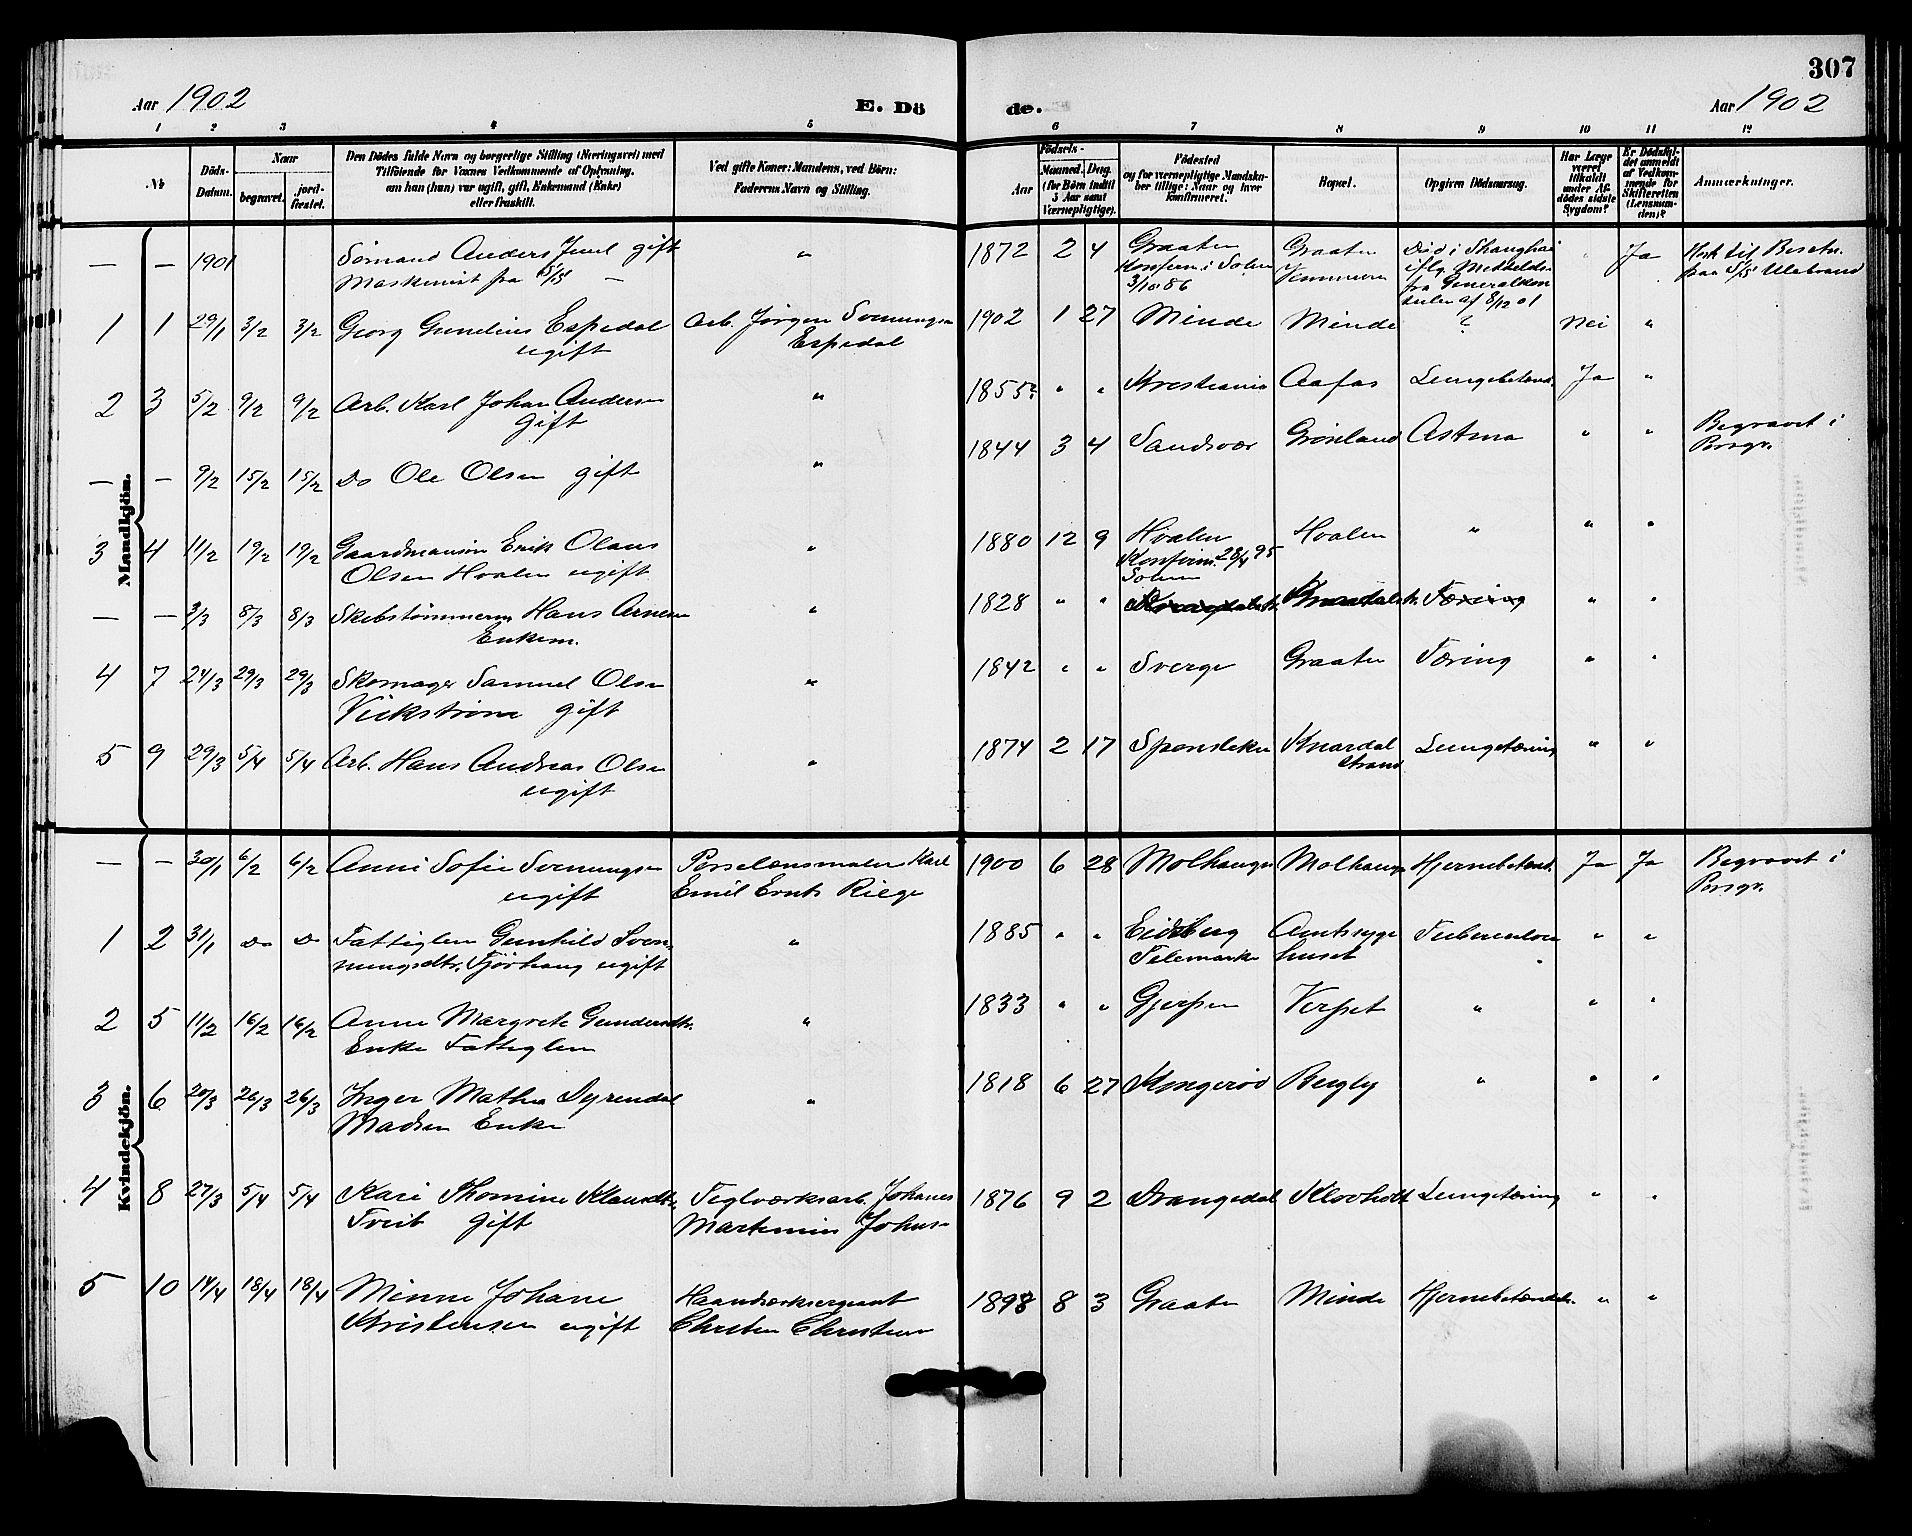 SAKO, Solum kirkebøker, G/Ga/L0008: Klokkerbok nr. I 8, 1898-1909, s. 307